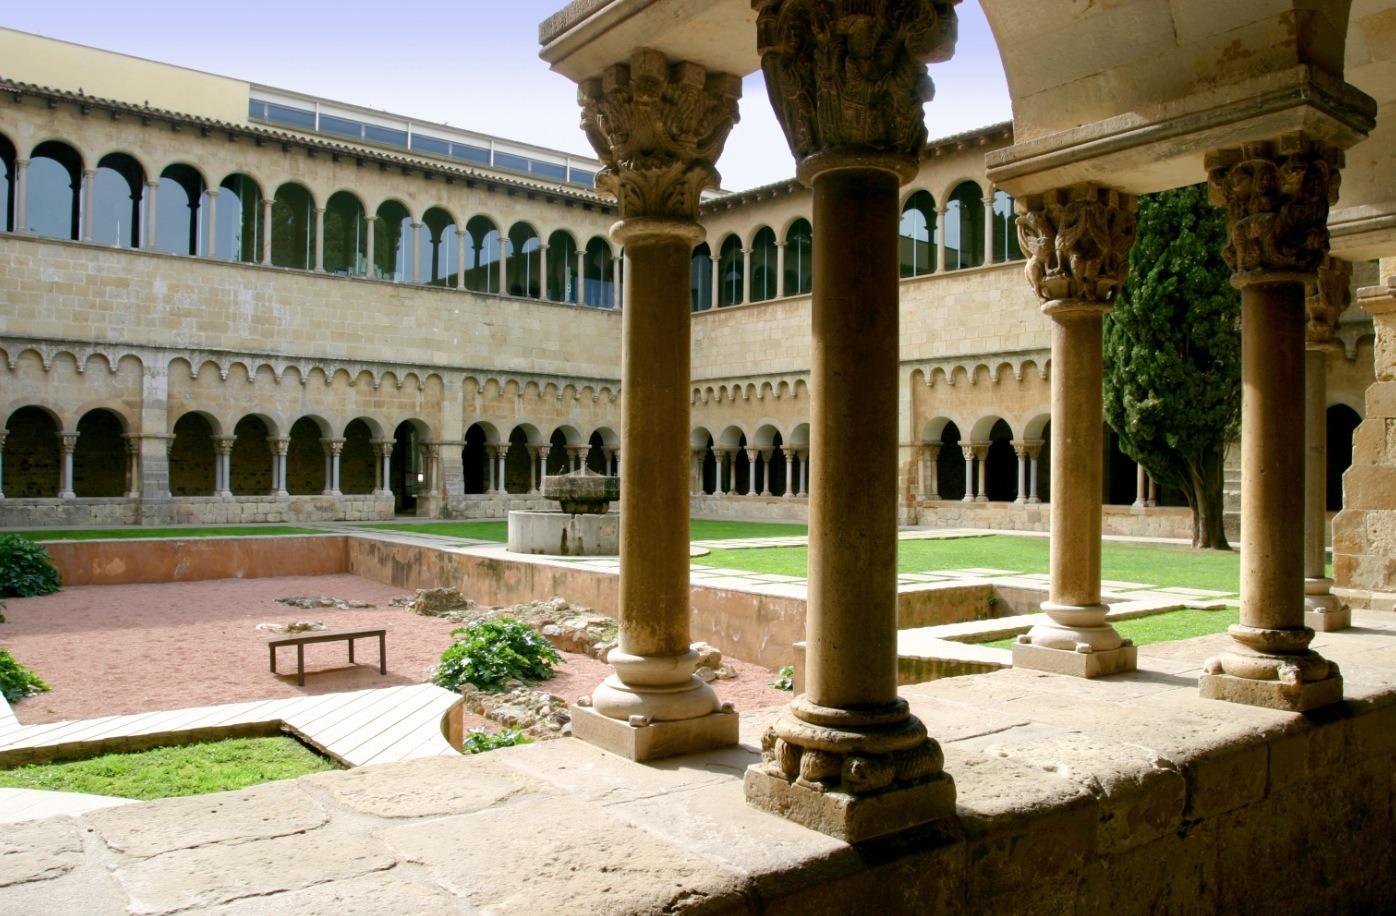 Museu del Monestir (Museu de Sant Cugat)